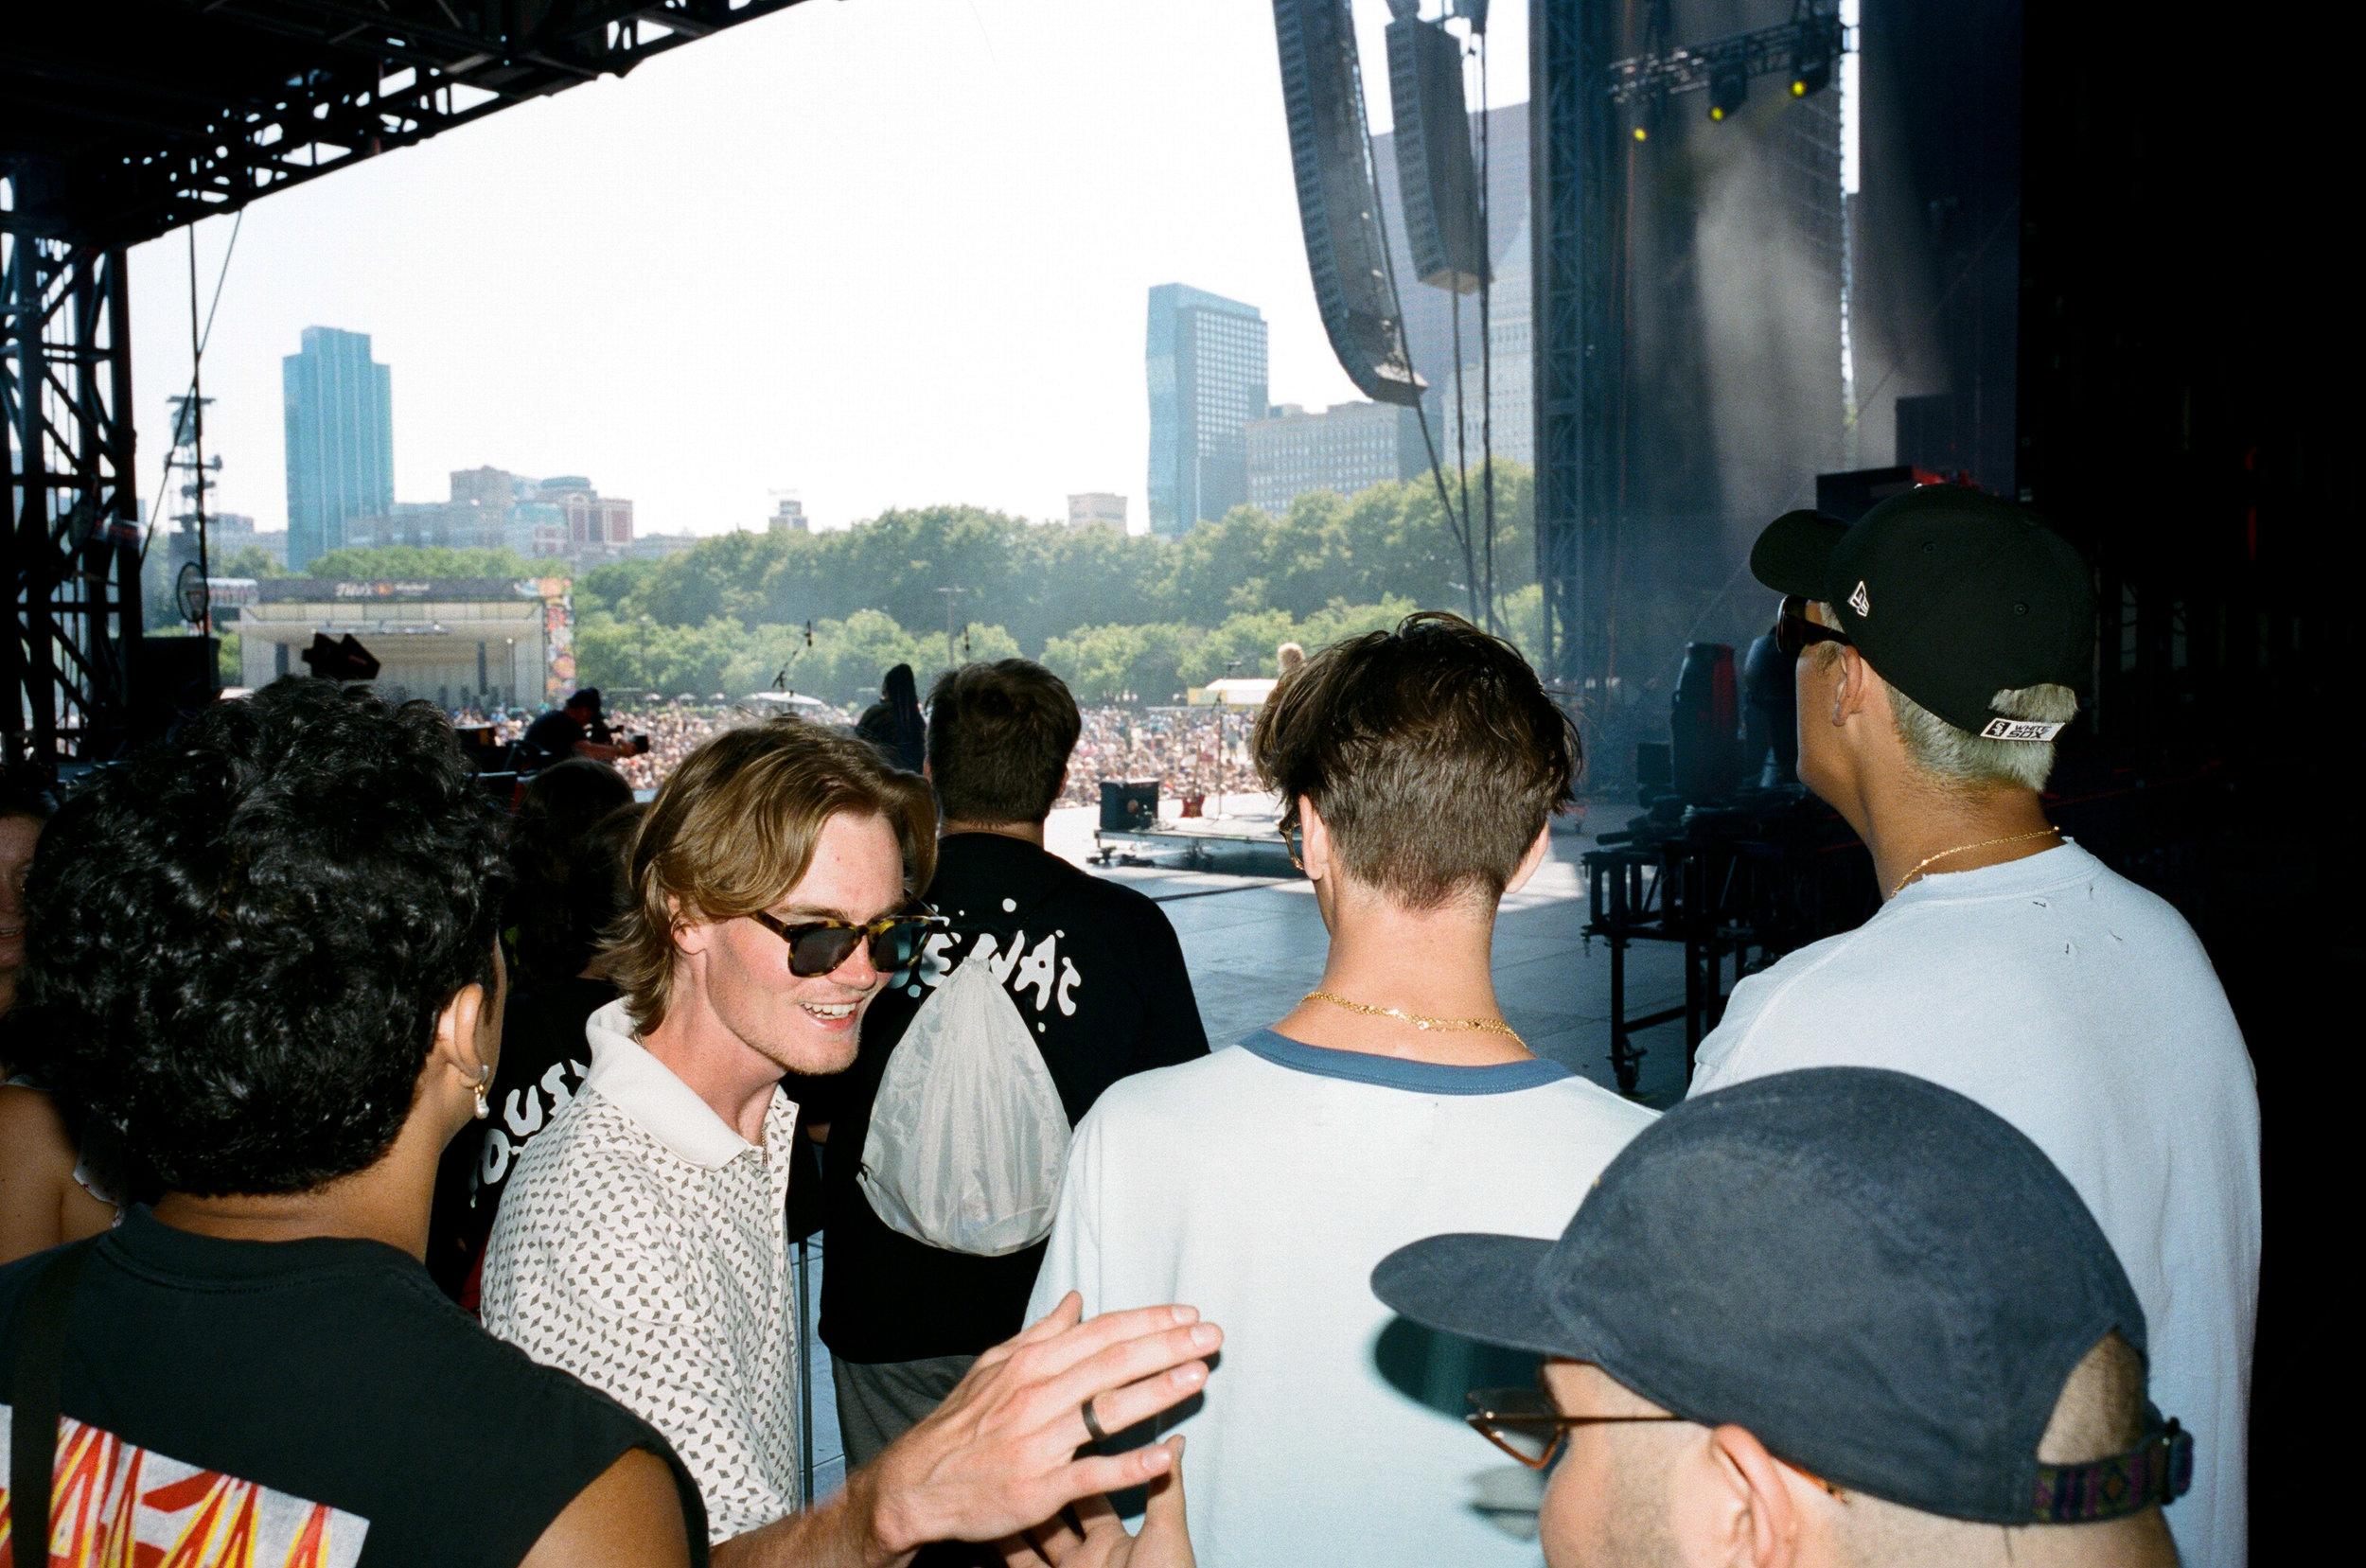 RoleModel_Chicago_090319-34.jpg